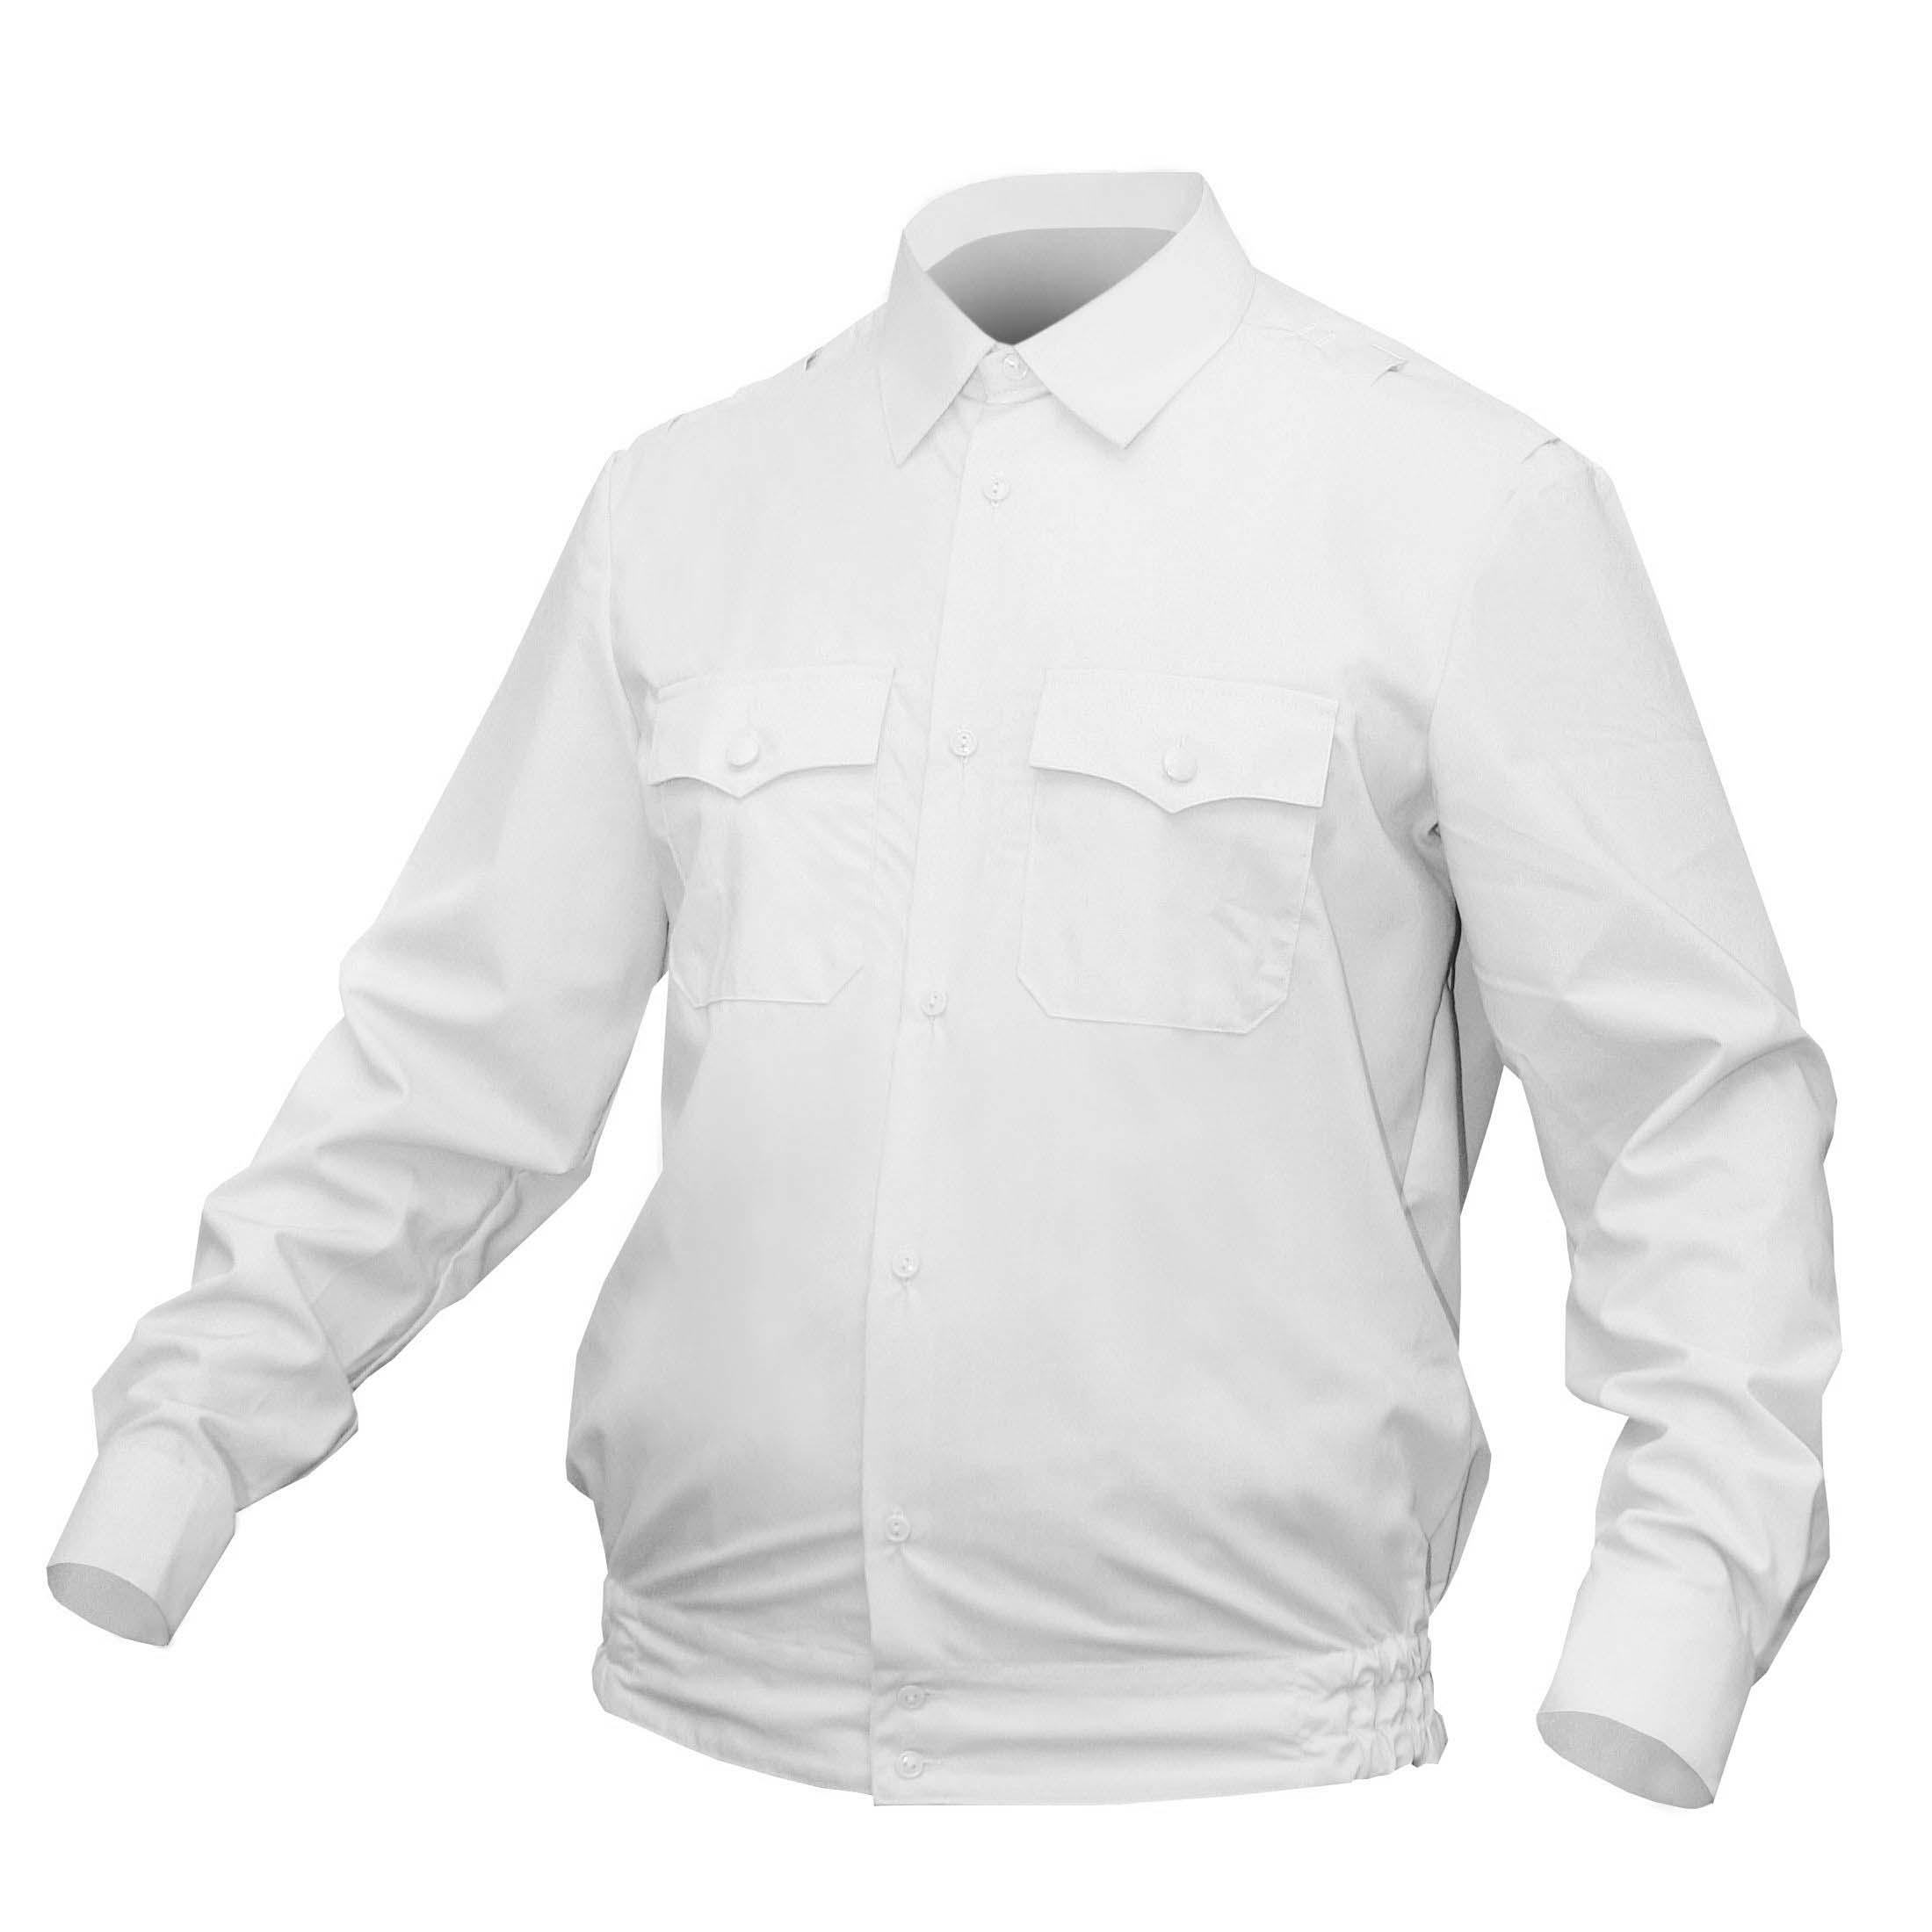 Рубашка ПОЛИЦИЯ белая с длинным рукавом на резинке